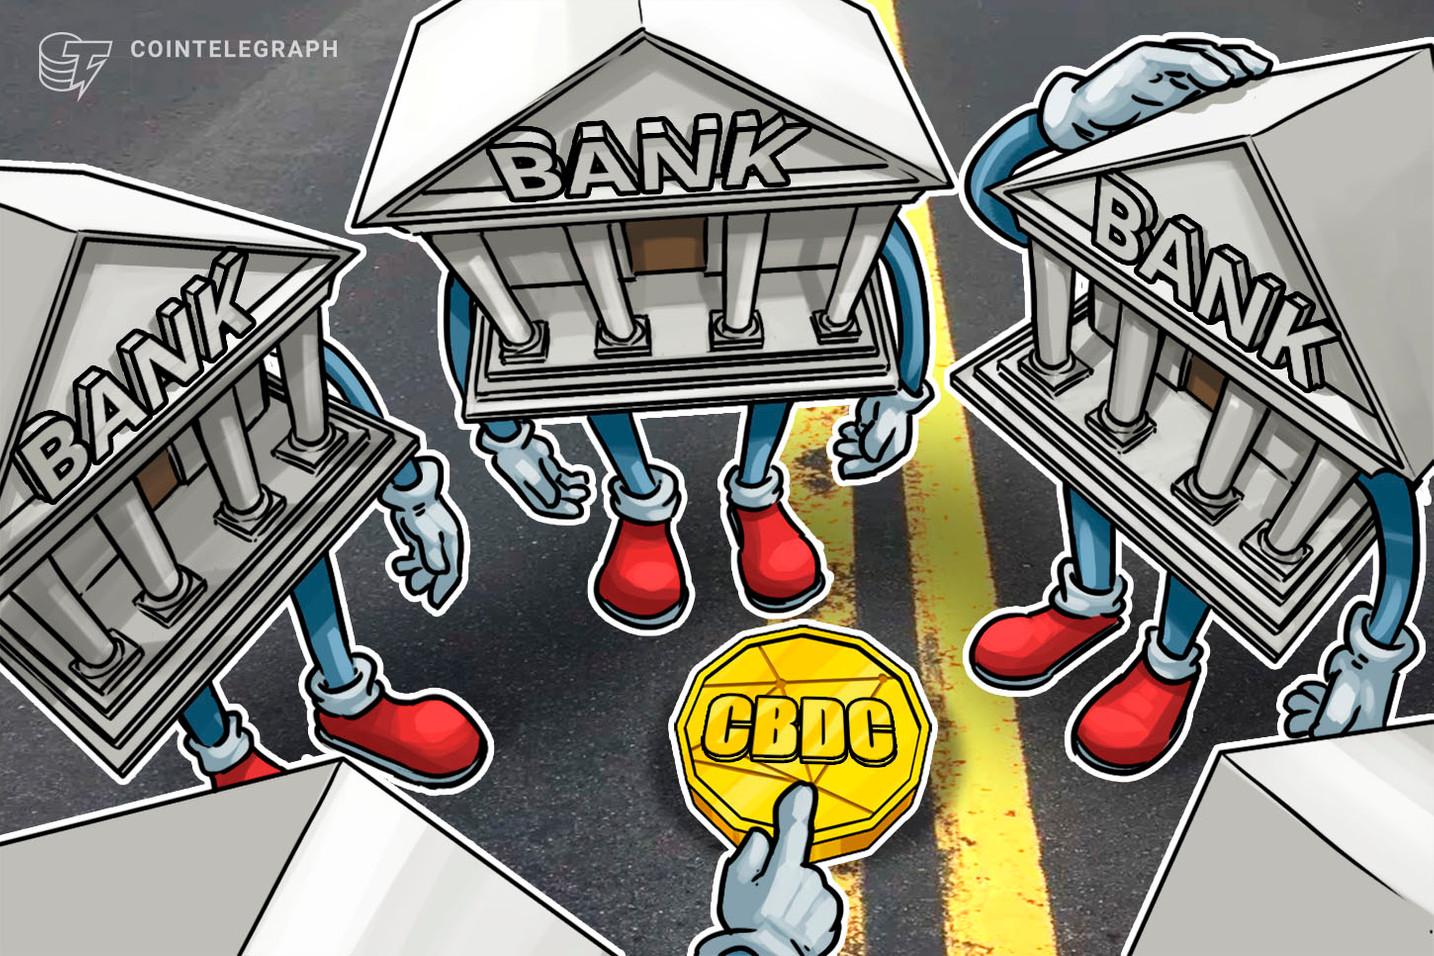 IBM Studie: Die meisten Finanzinstitute befürworten eine von der Zentralbank ausgegebene digitale Währung